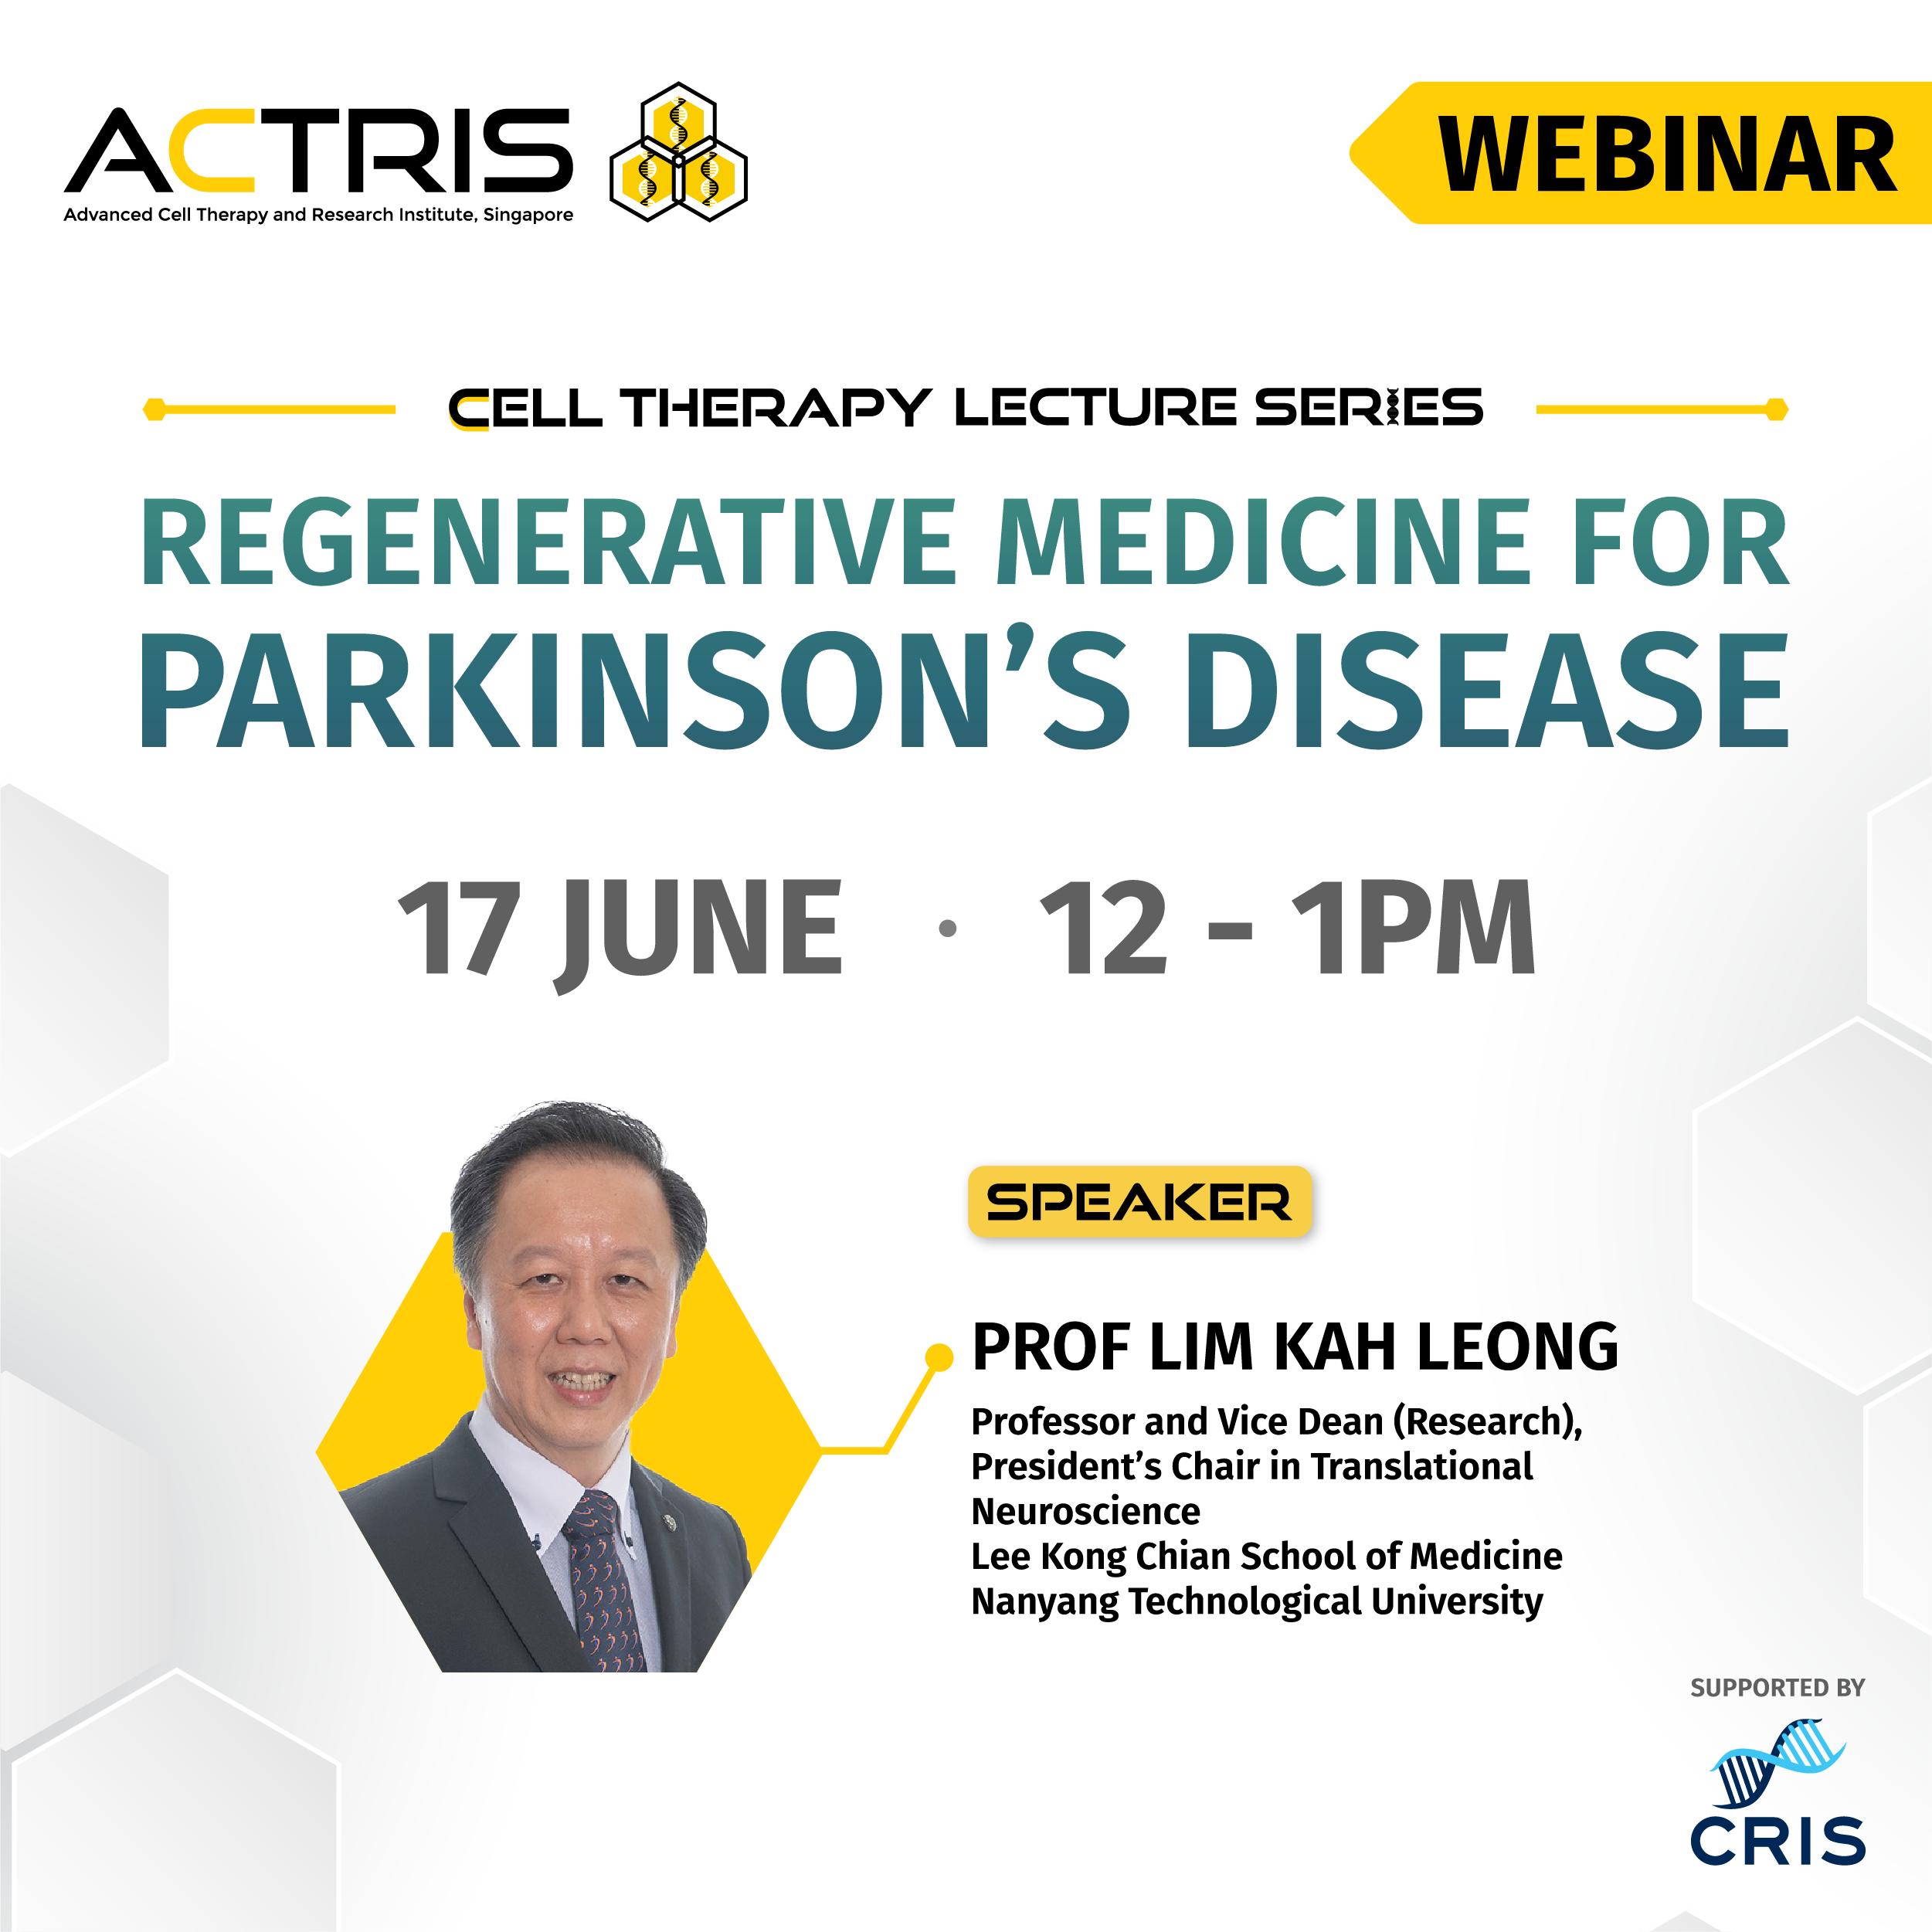 Regenarative Medicine for Parkinson's Disease